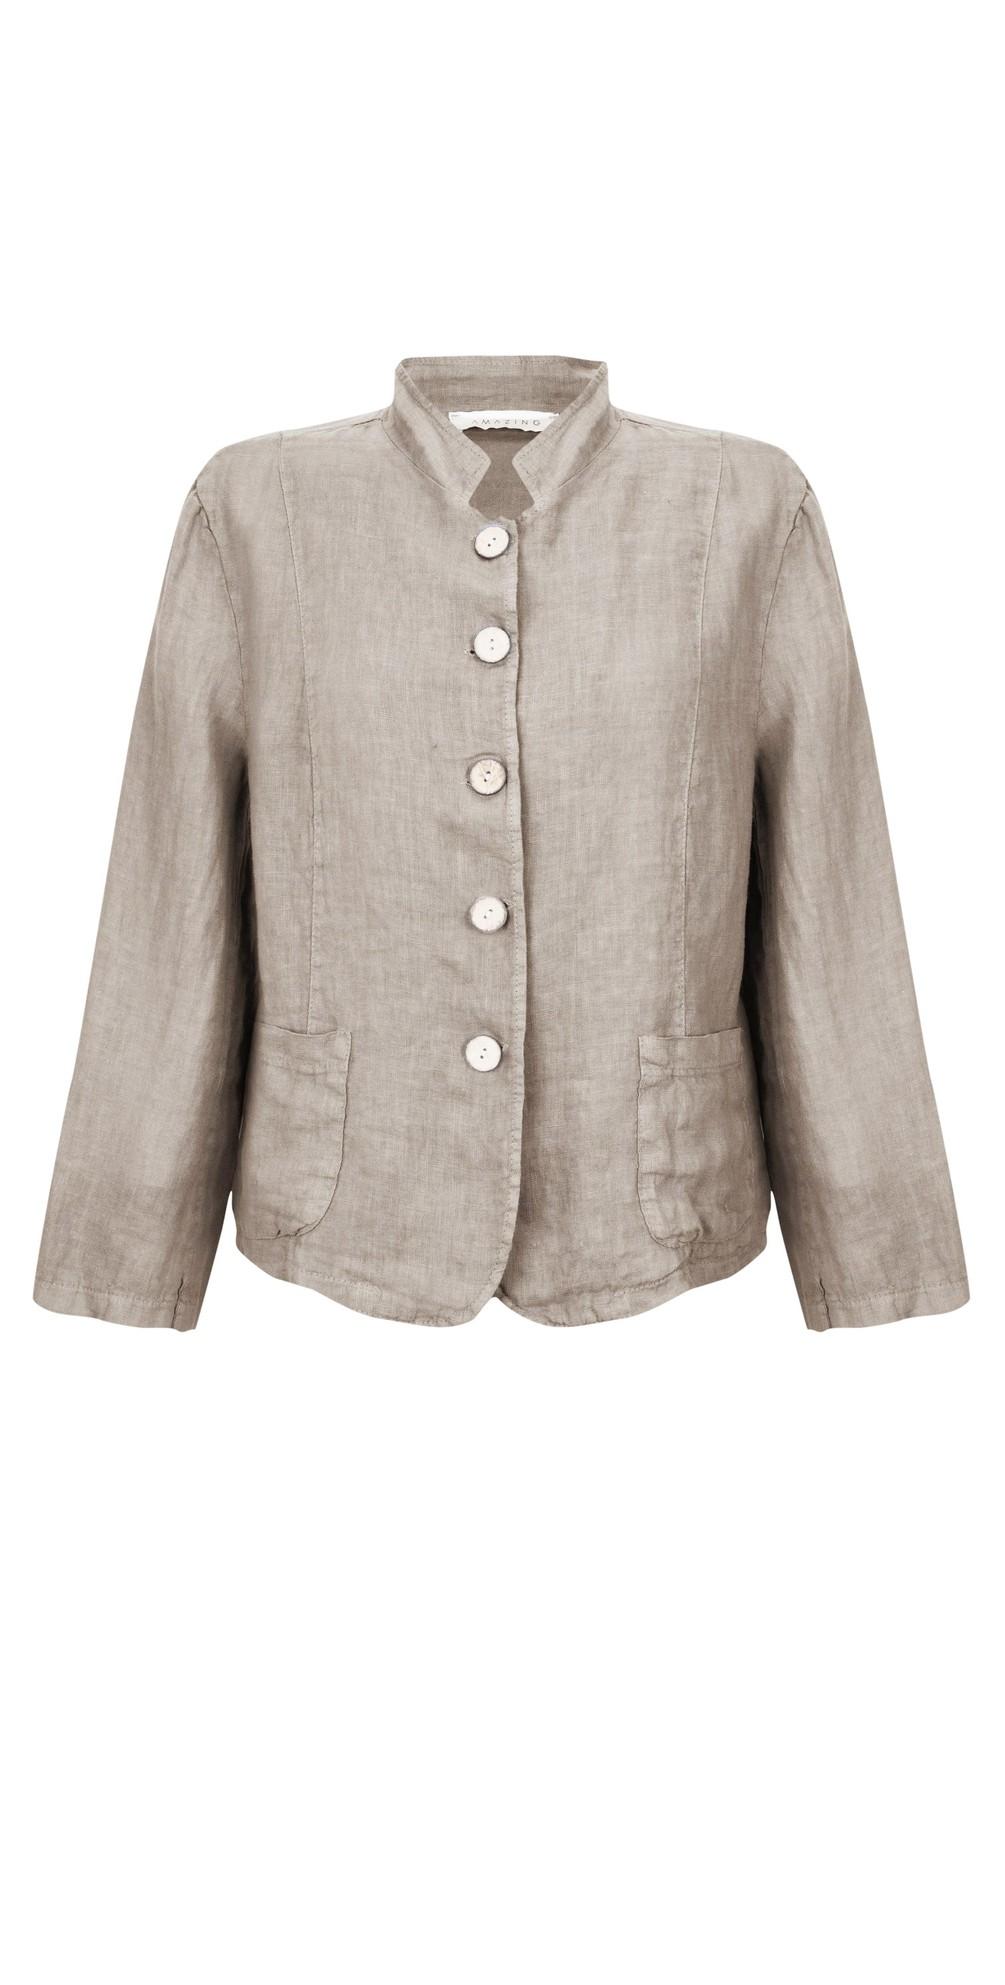 Katia Front Pocket Short Jacket main image